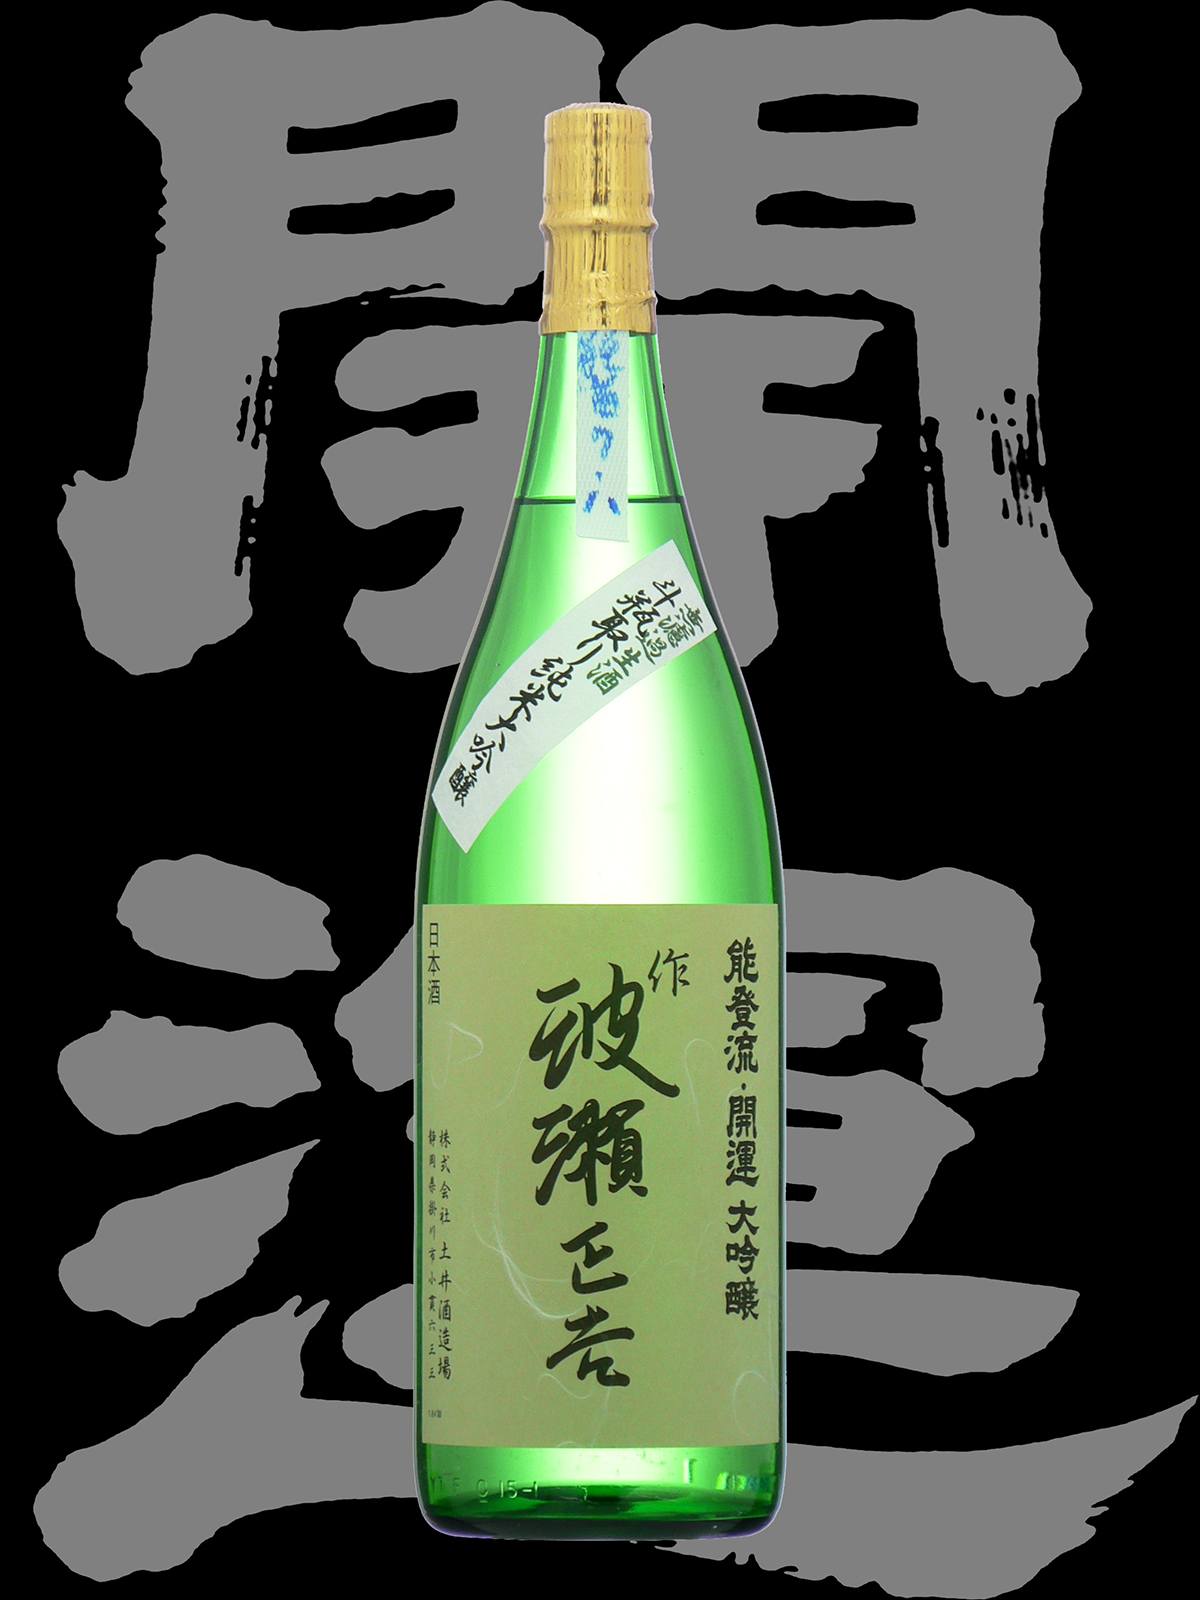 開運(かいうん)「純米大吟醸」波瀬正吉 斗瓶取り無濾過生酒7号タンク